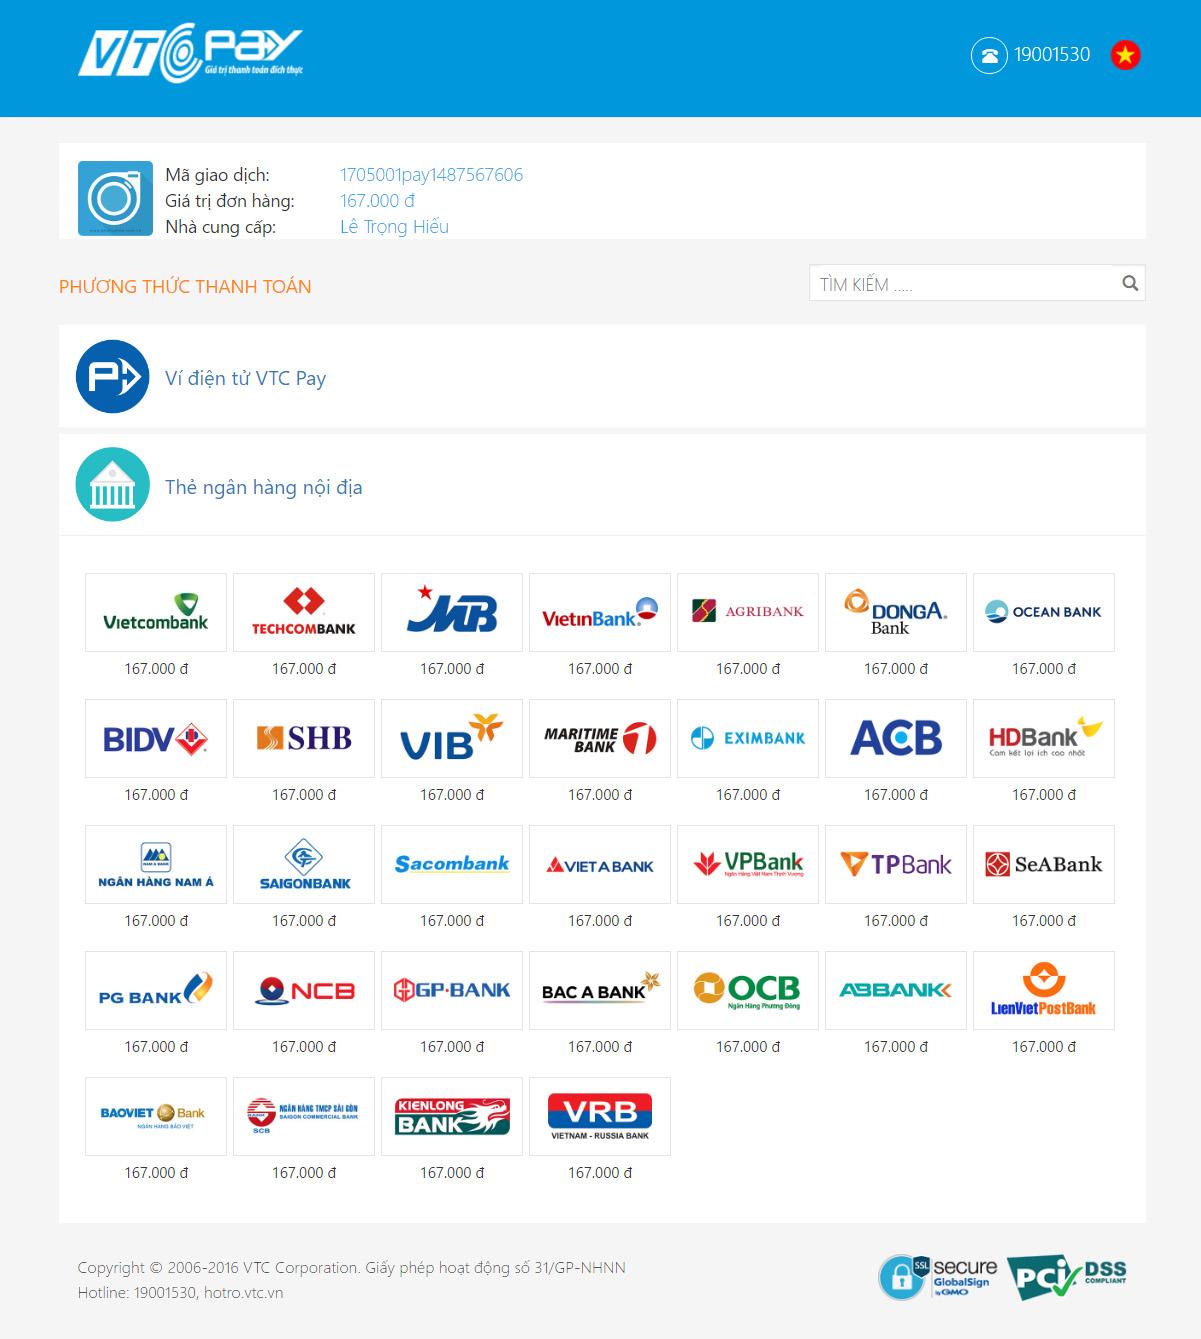 huong-dan-su-dung-internet-banking-de-thanh-toan-tren-photozone